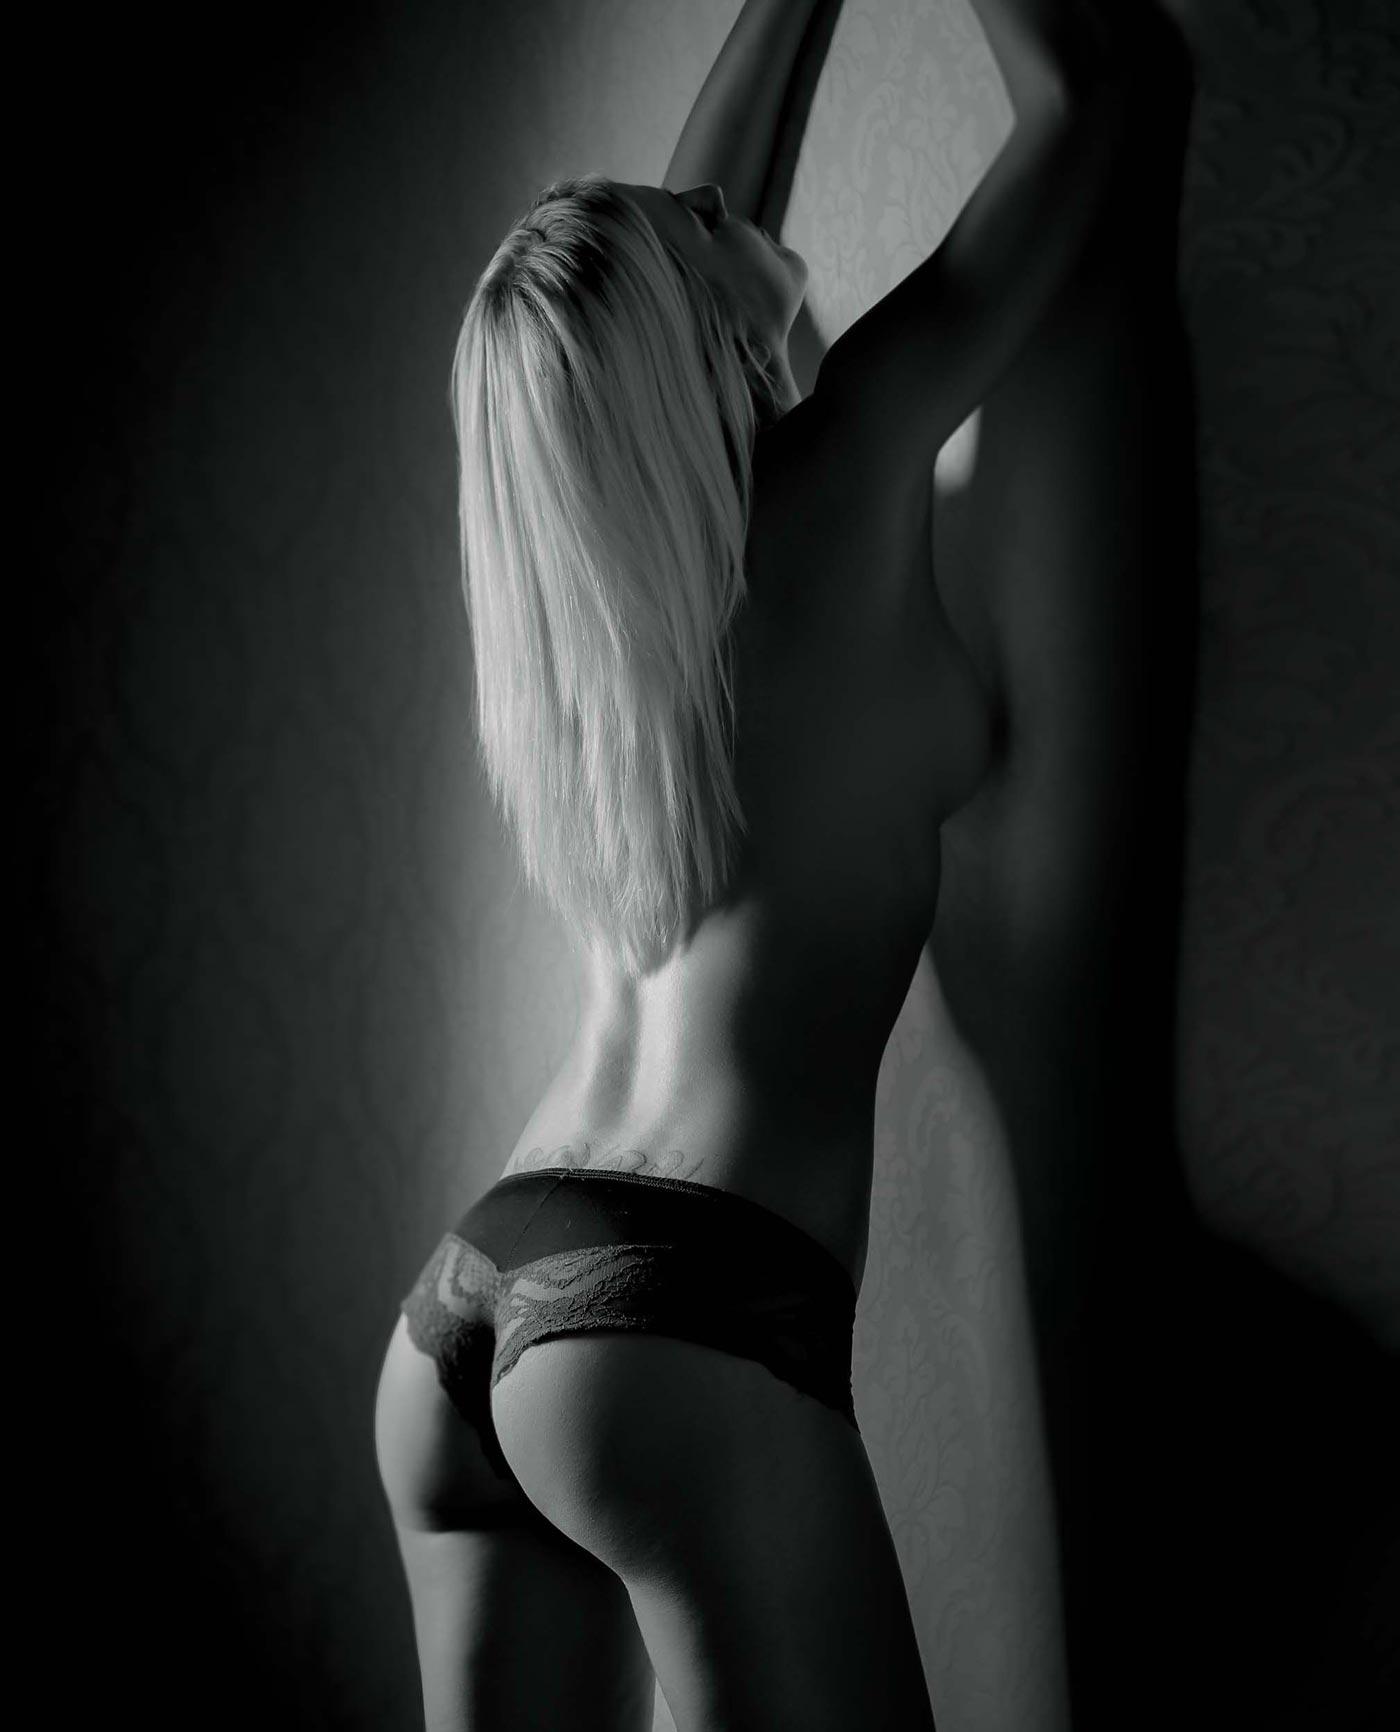 Erotisches Foto einer Frau die nur eine Korsage trägt.